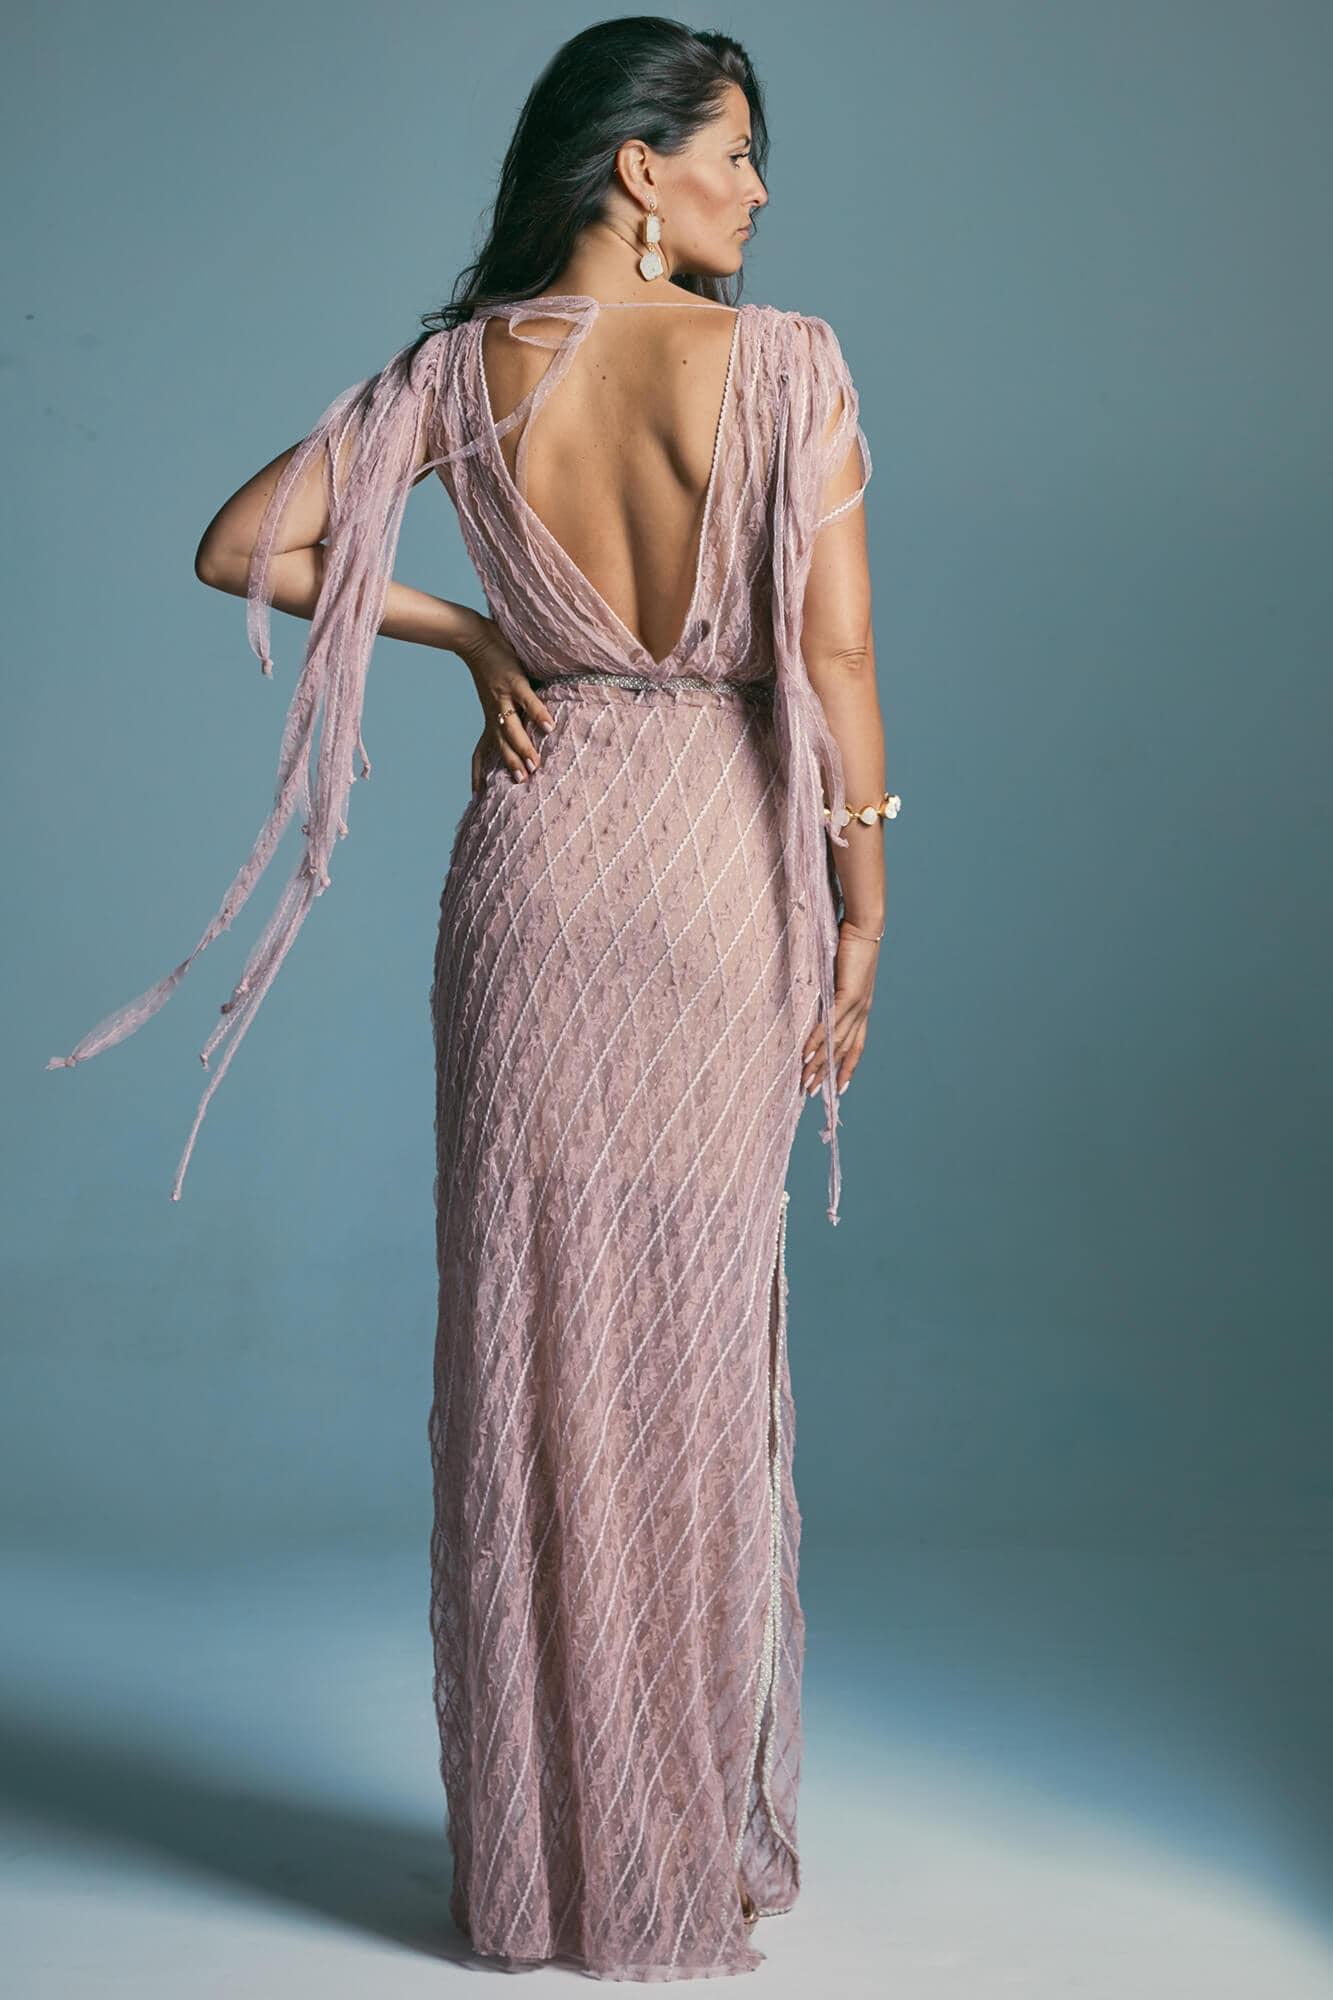 Modest envelope wedding dress for pear modeling the silhouette Venezia 3